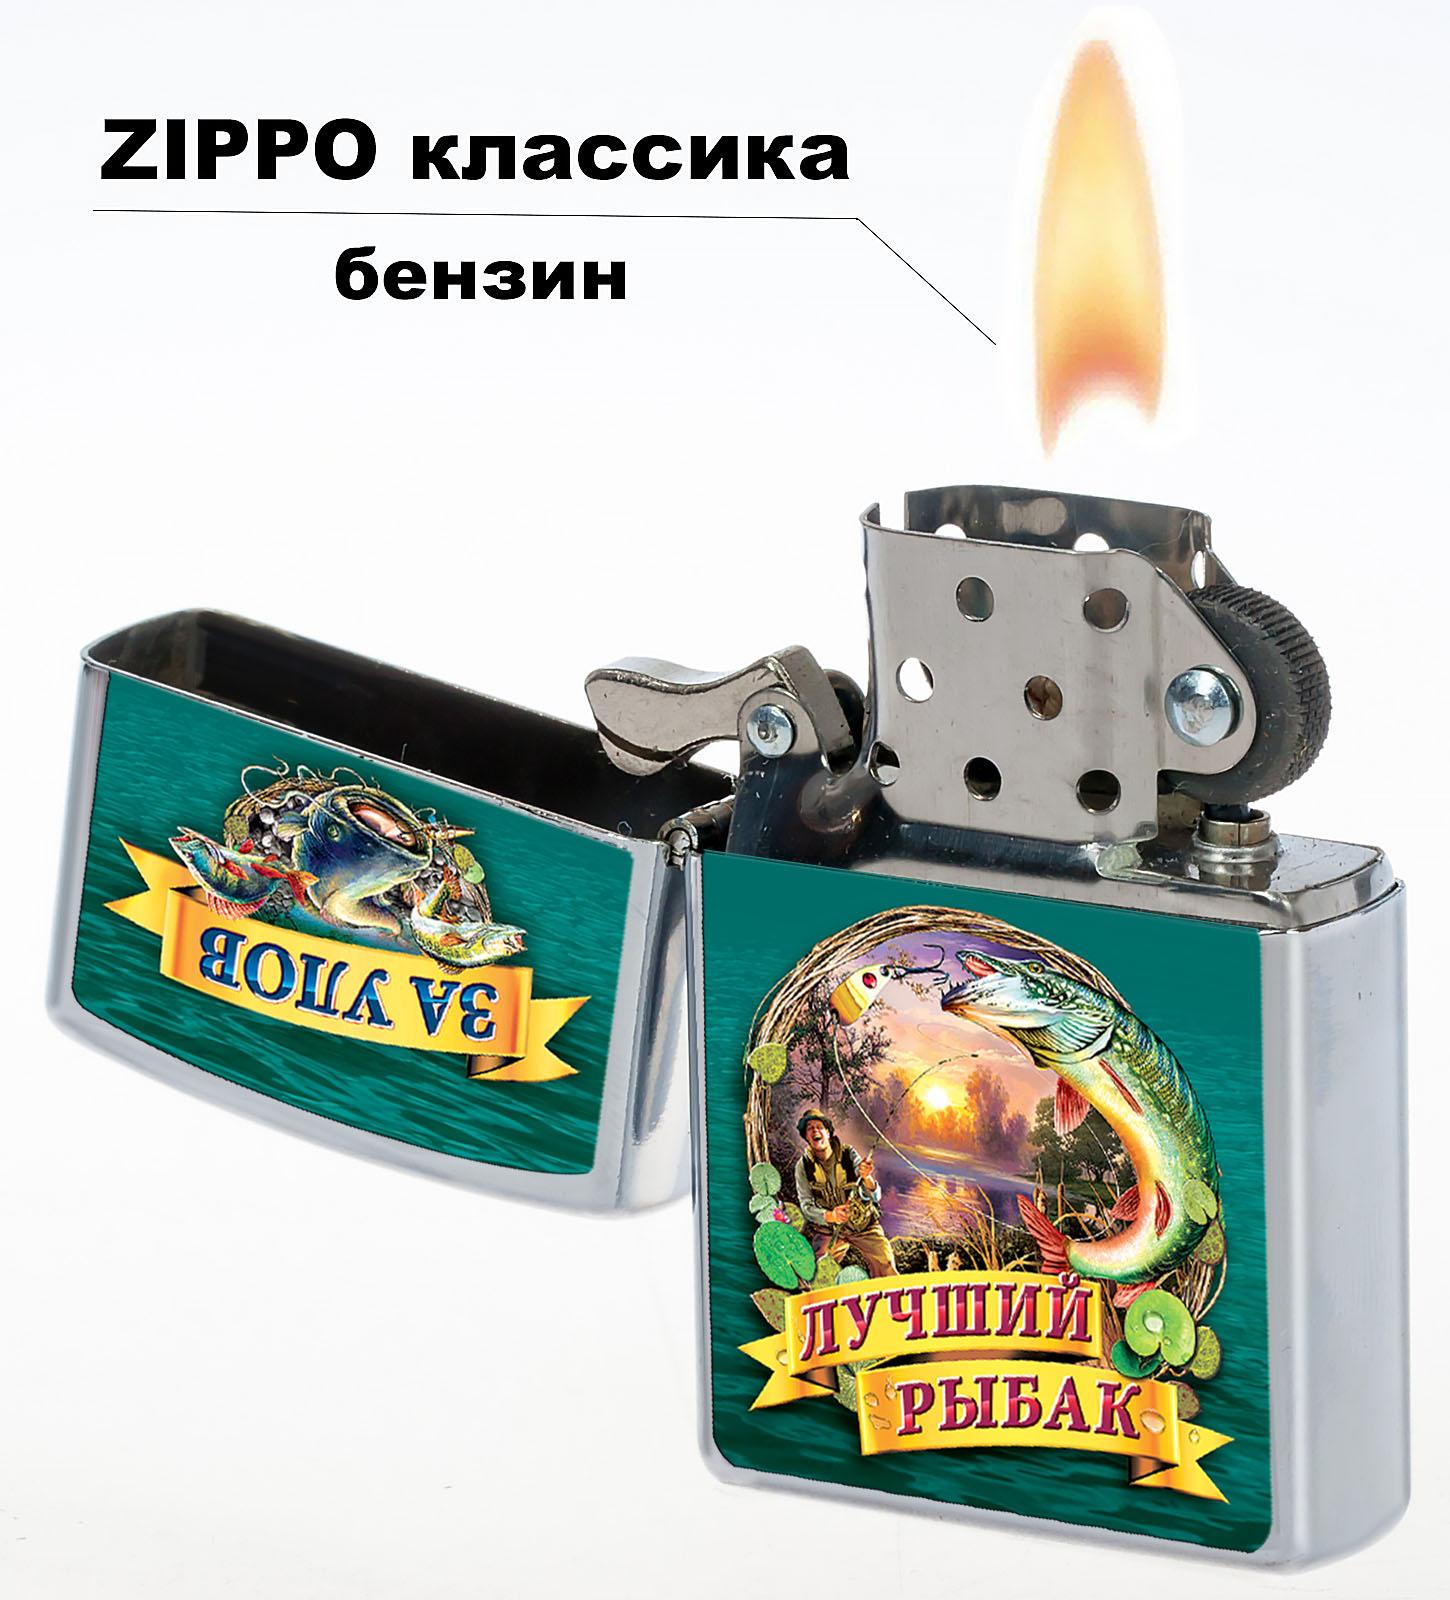 Лучшая бензиновая зажигалка рыбаку с удобной доставкой